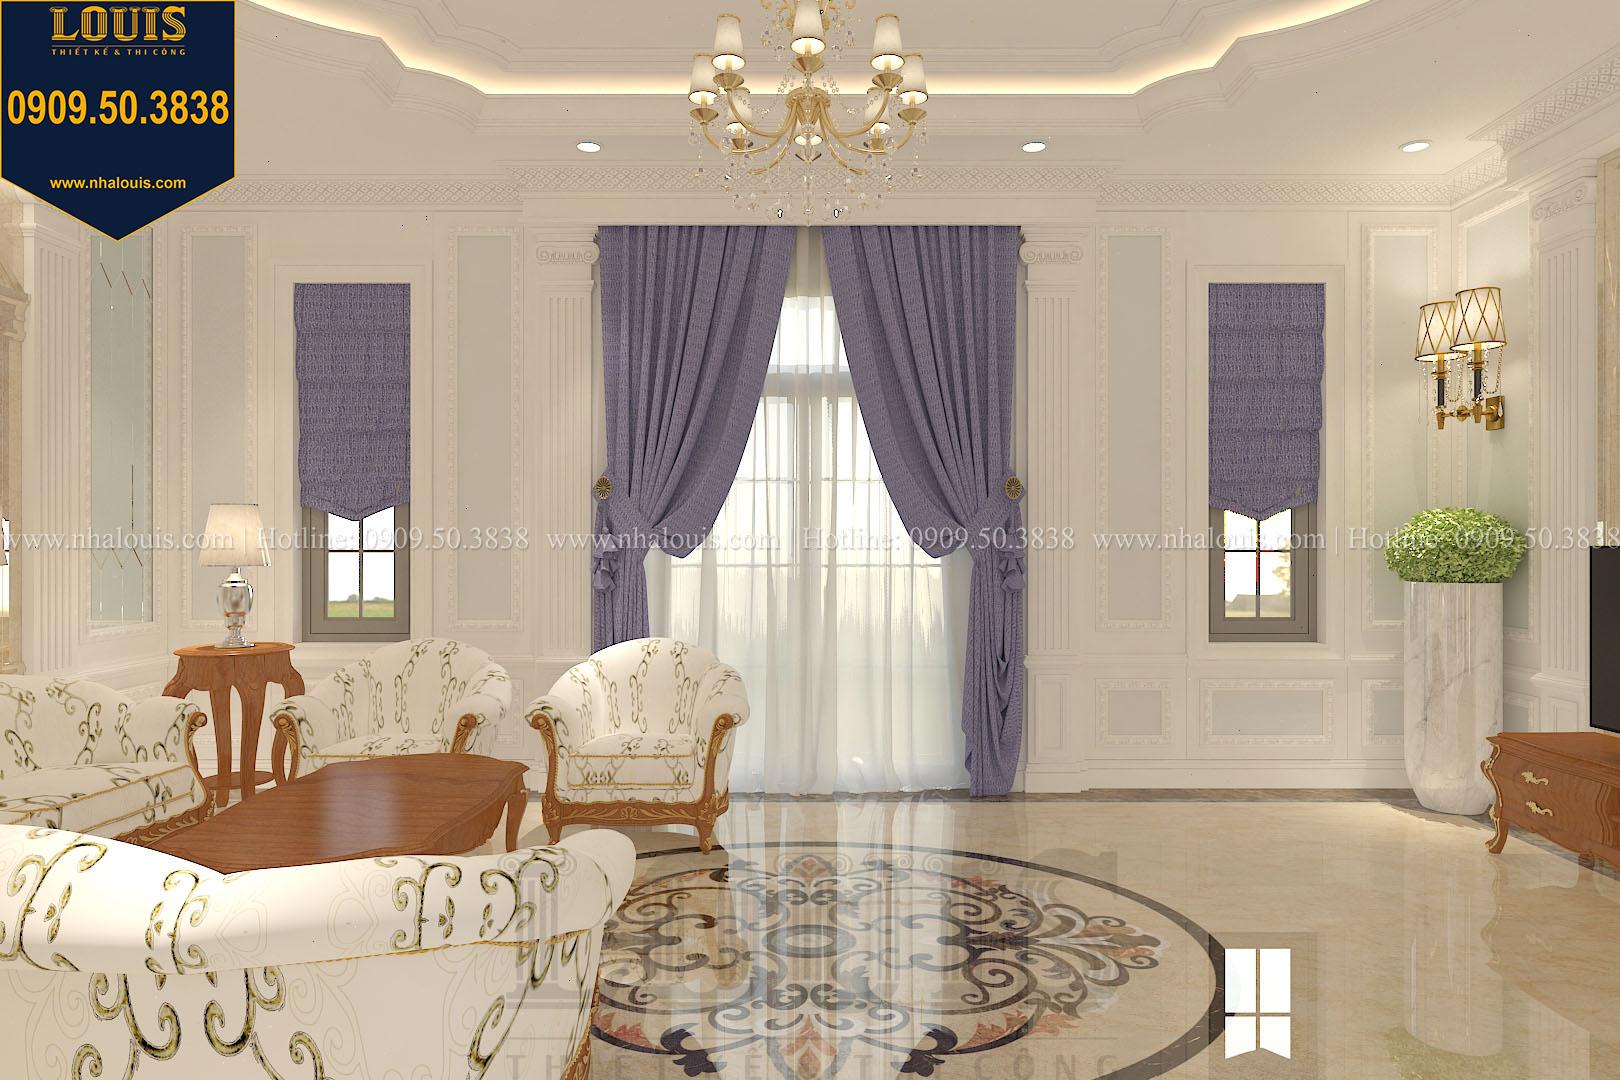 Phòng khách biệt thự phong cách cổ điển châu Âu - 008